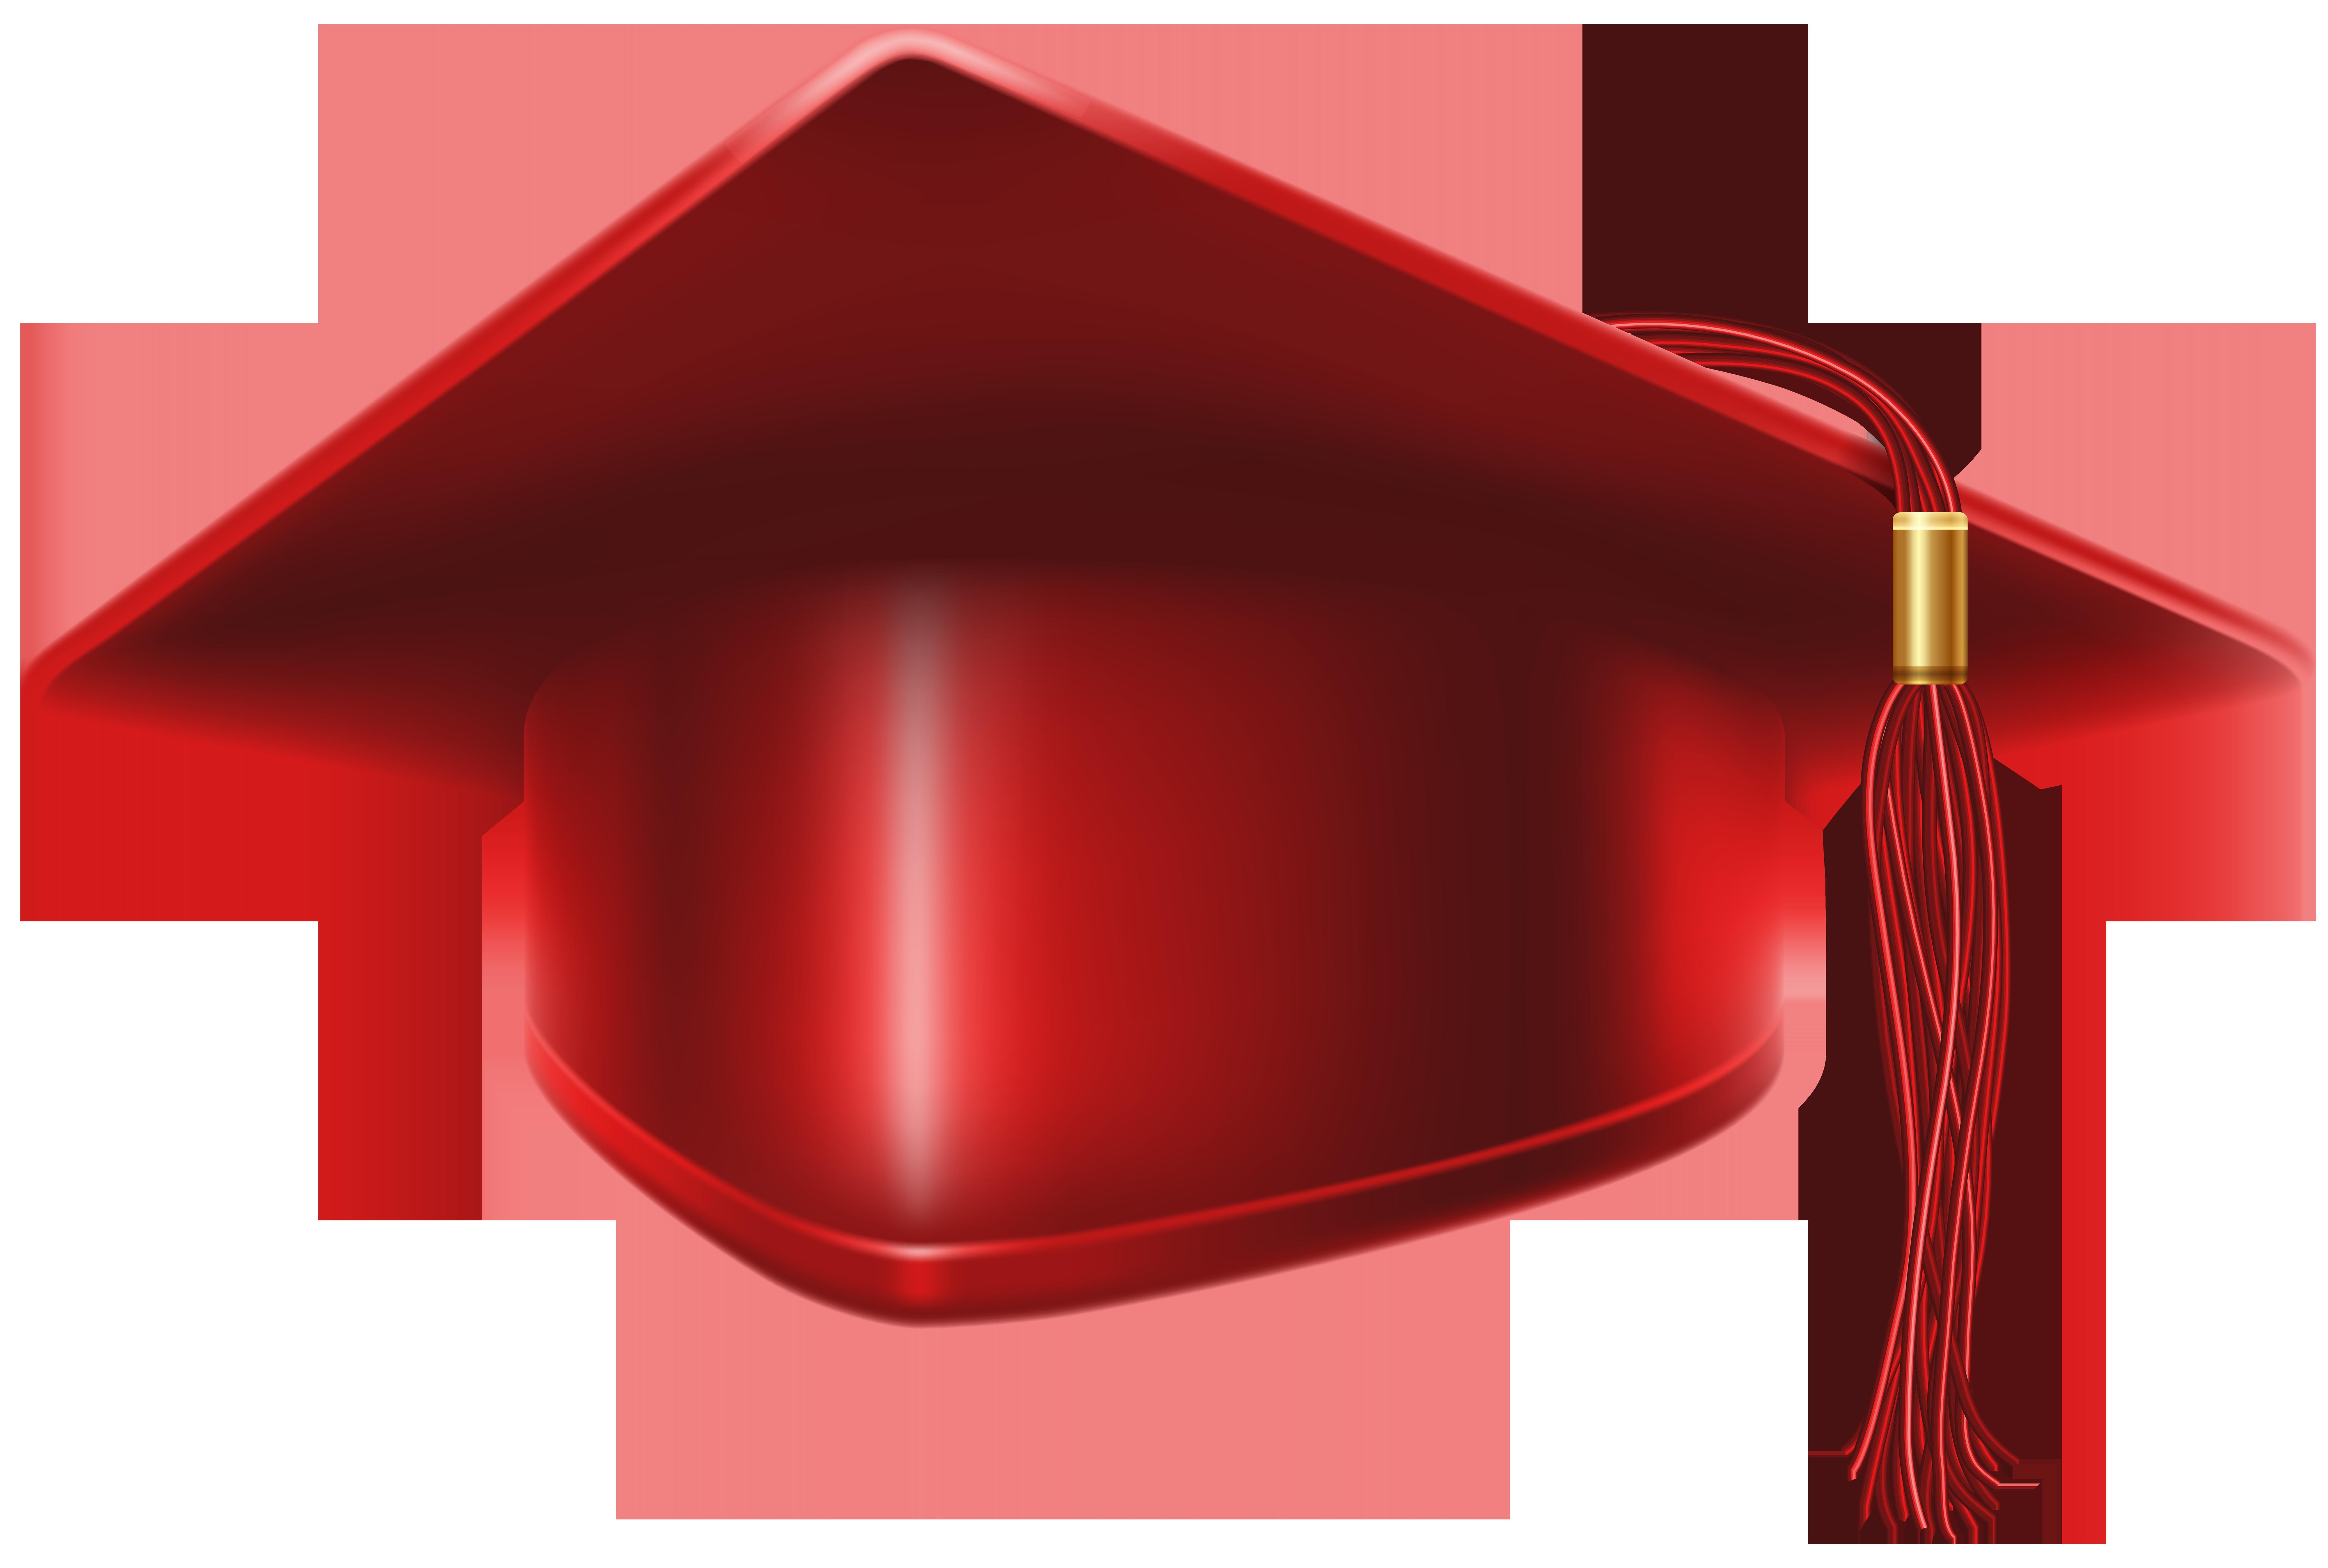 Red Graduation Cap PNG Clip Art Image.